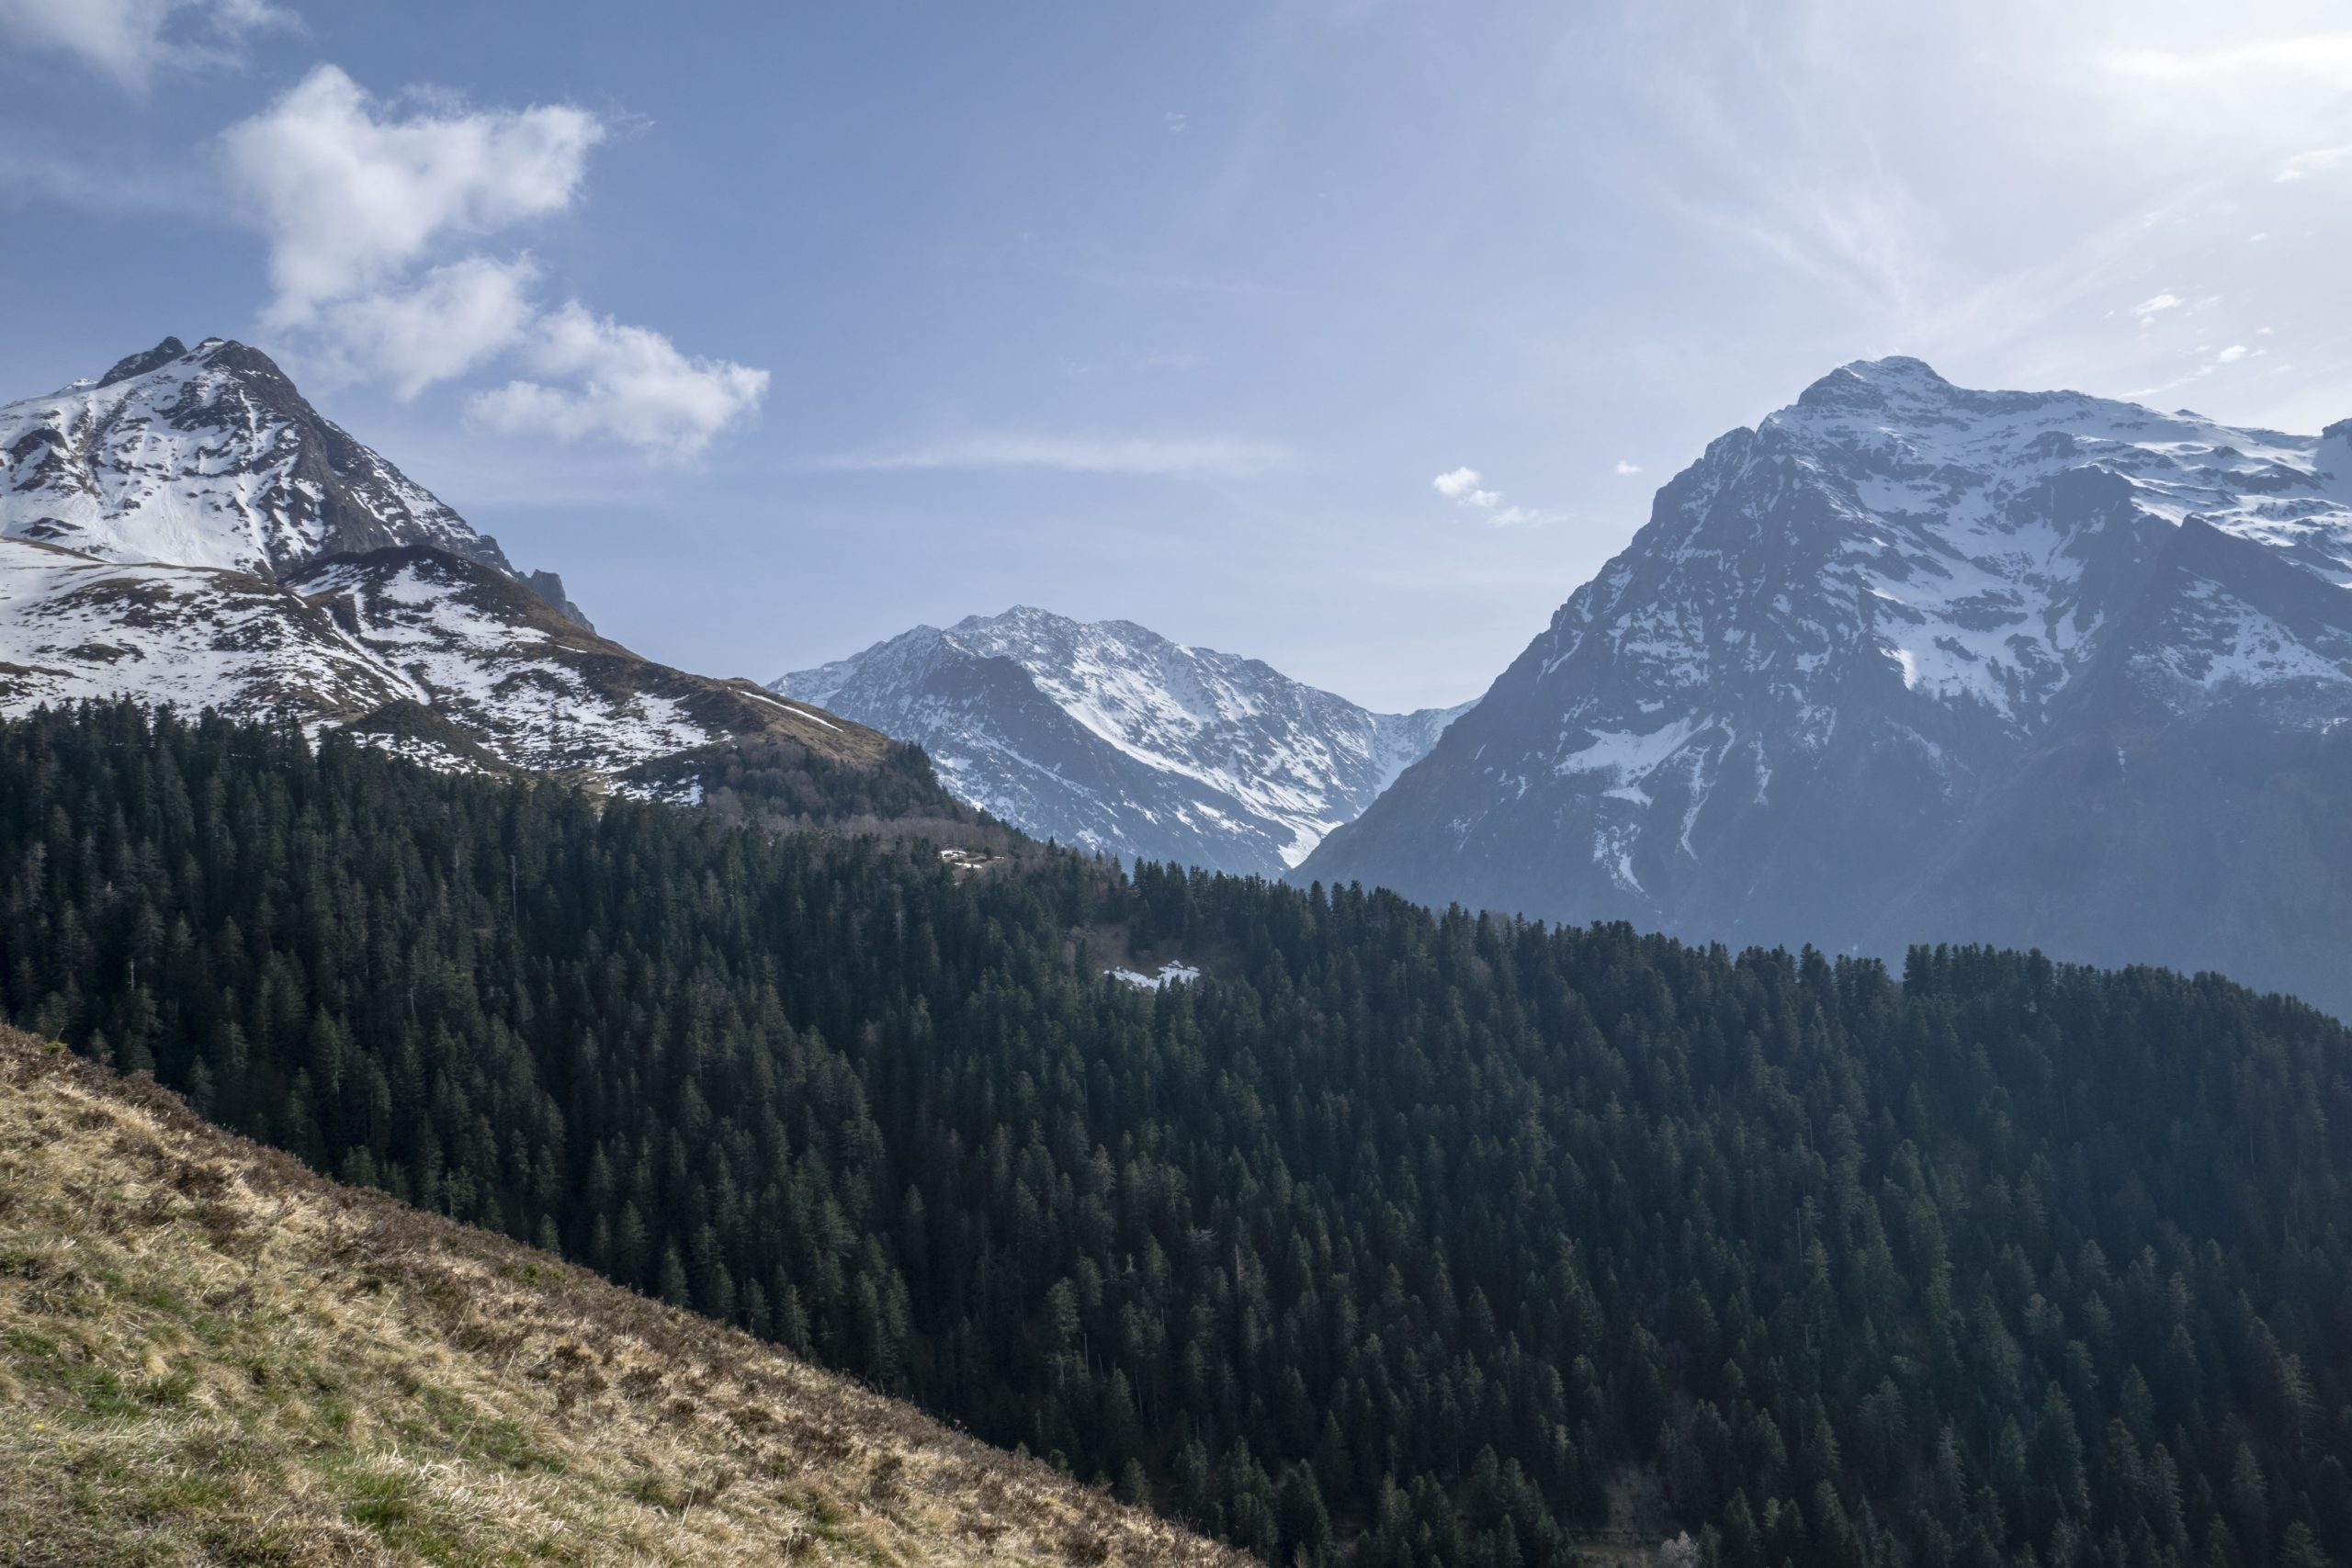 Forêt dourtiga Peyressourde scaled